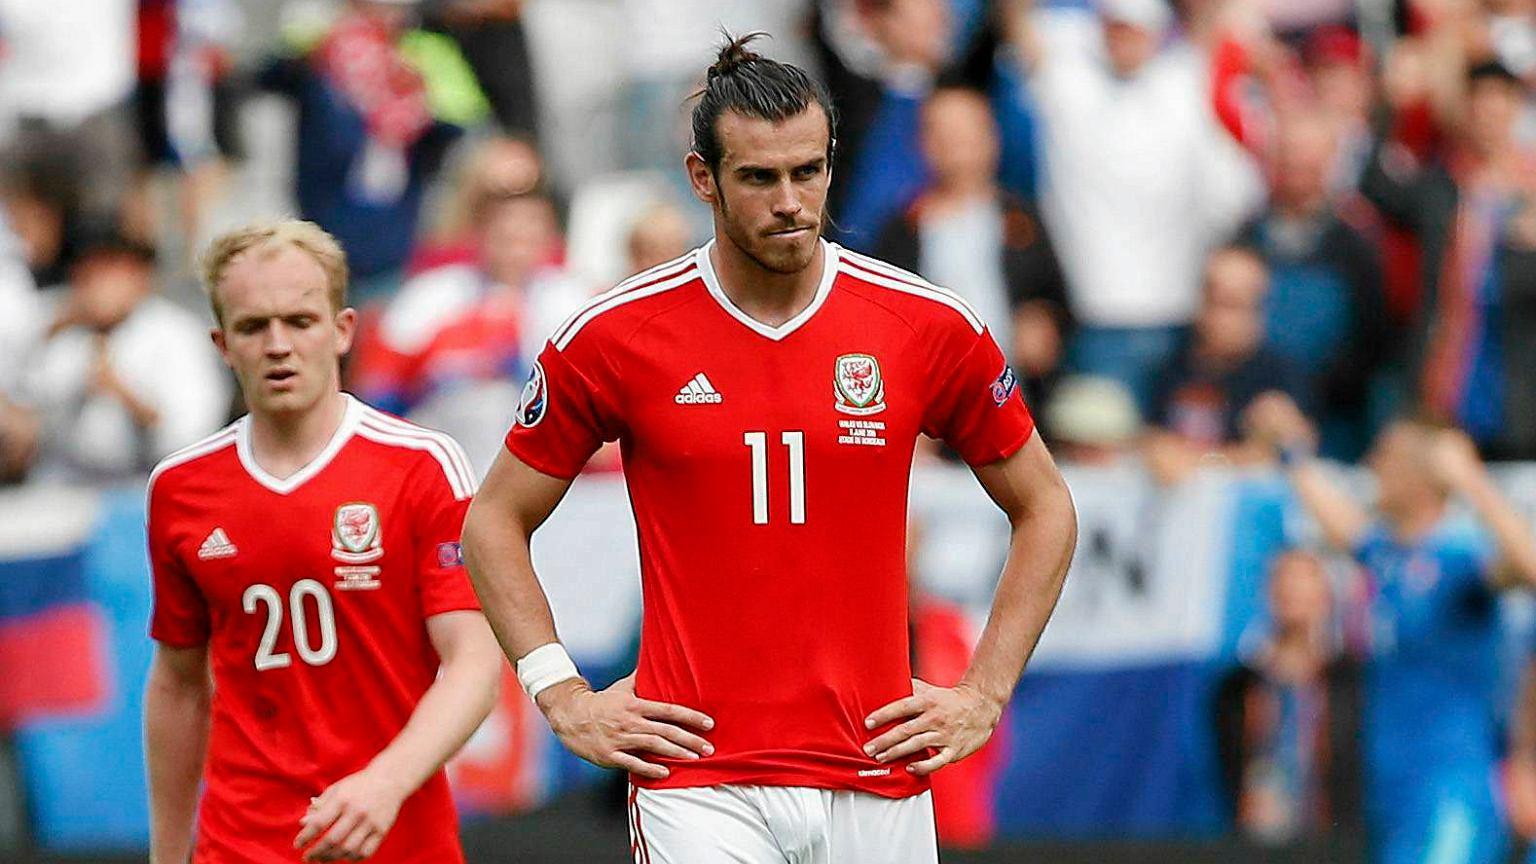 e425379e0 Euro 2016. Mecz Anglia - Walia [Gdzie obejrzeć w telewizji? TRANSMISJA NA  ŻYWO, ONLINE] Sport